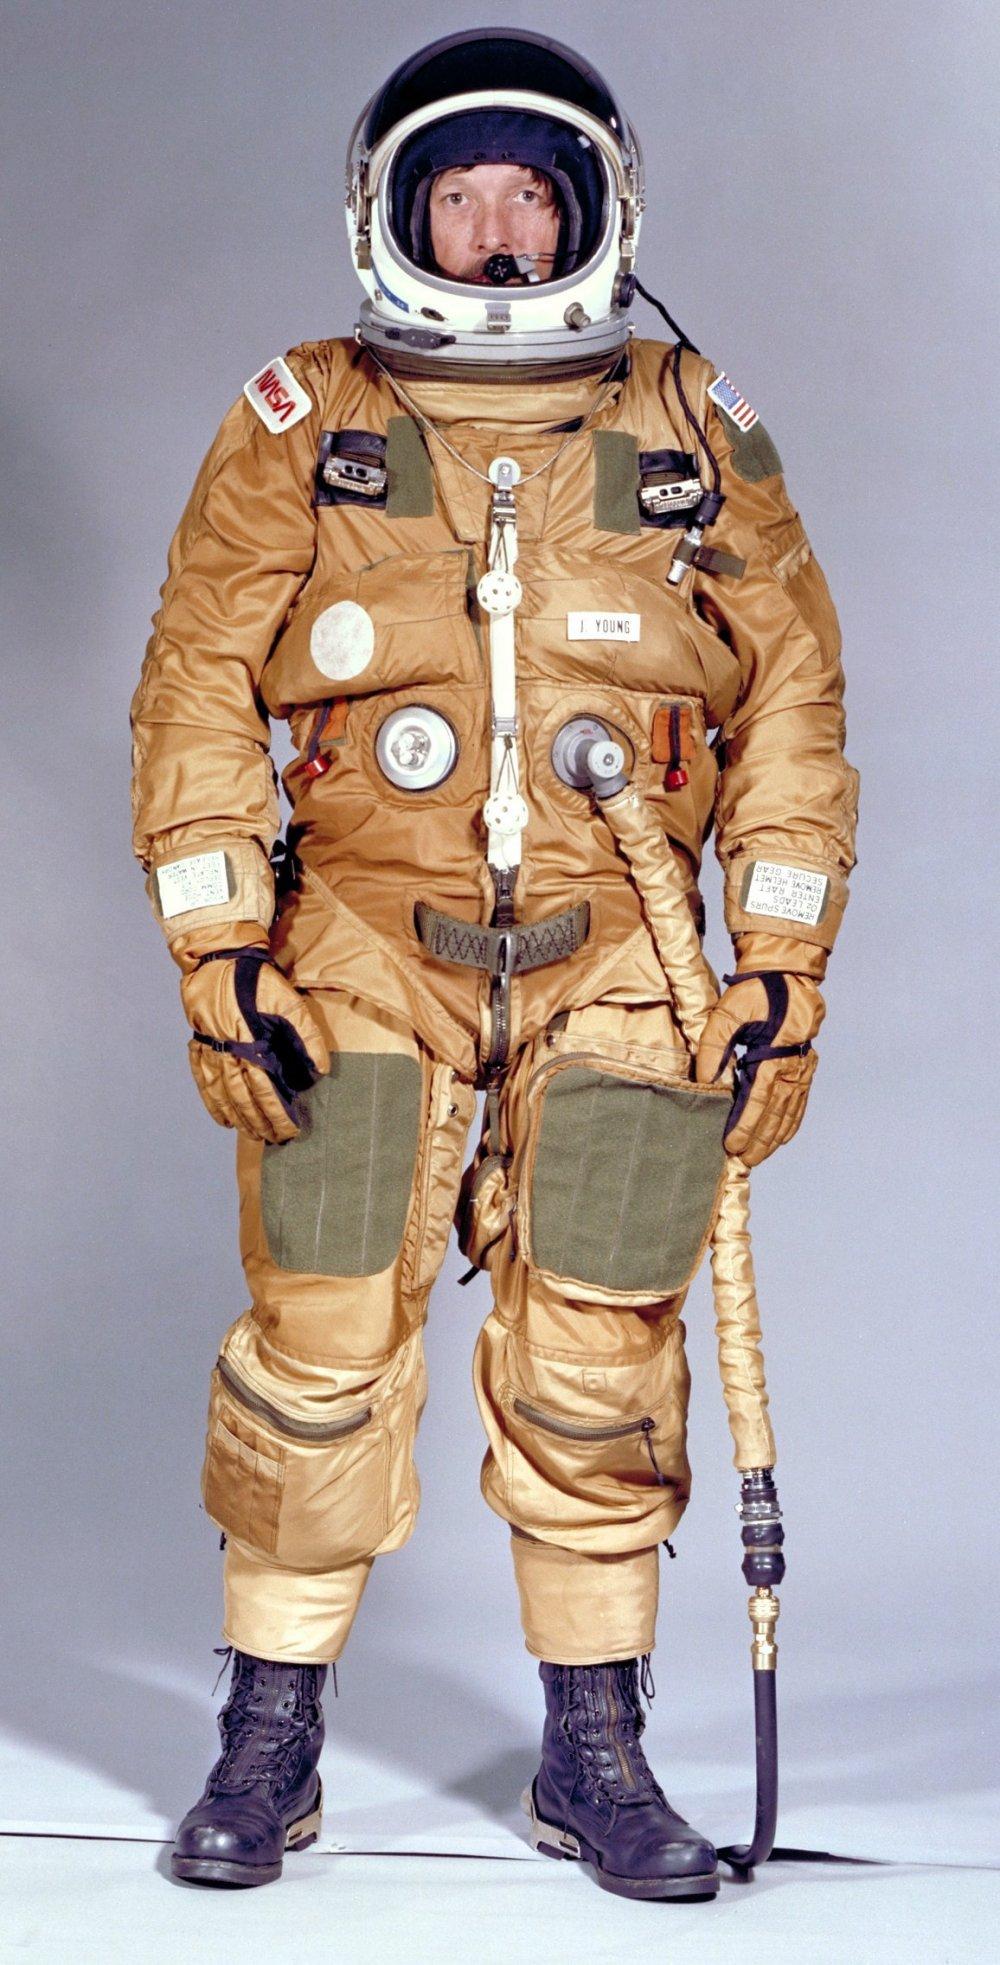 Shuttle Ejection Escape Suit – John Young